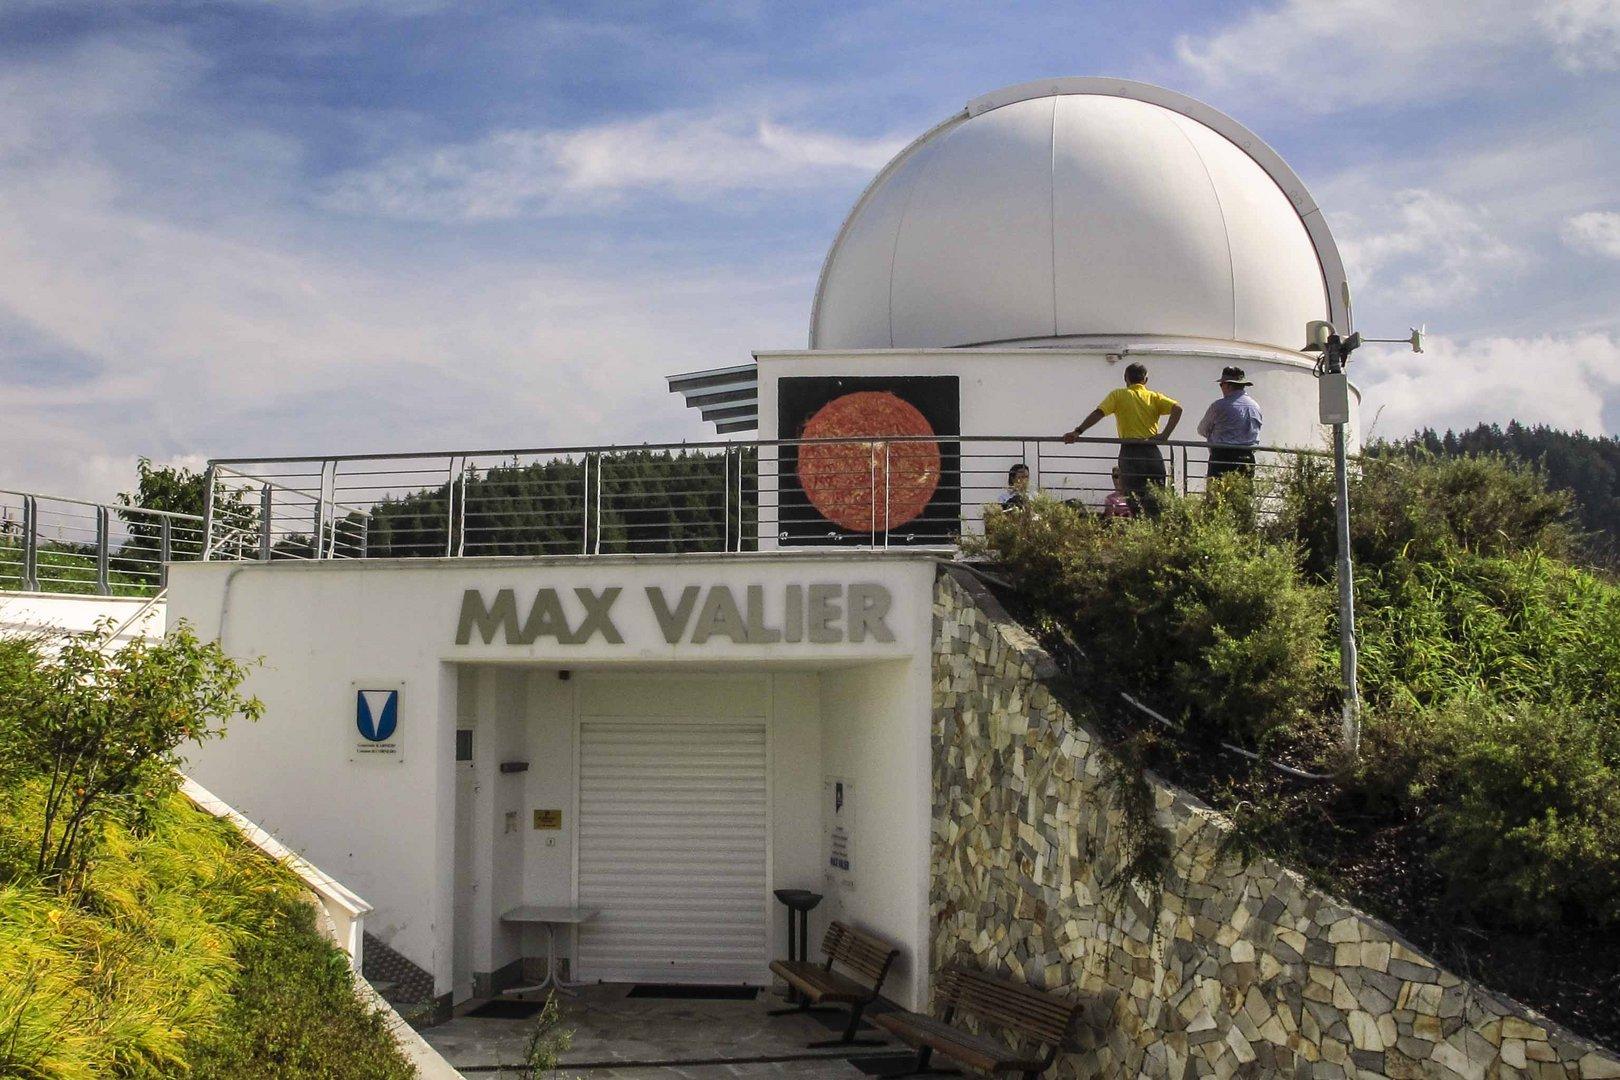 Sternwarte Max Valier